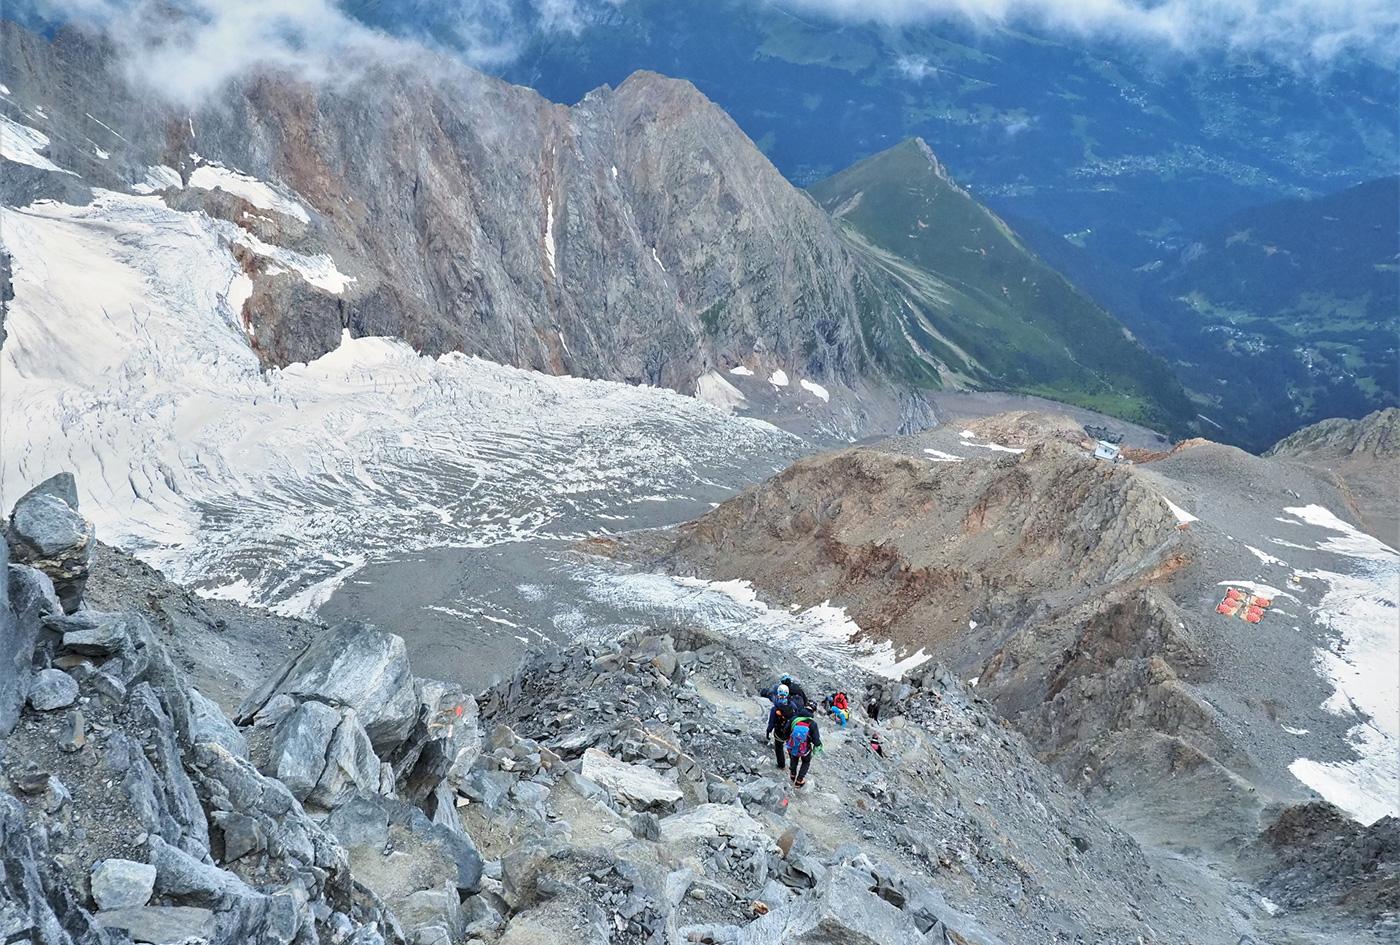 安全登山講座「冬山入門コース」  長野県